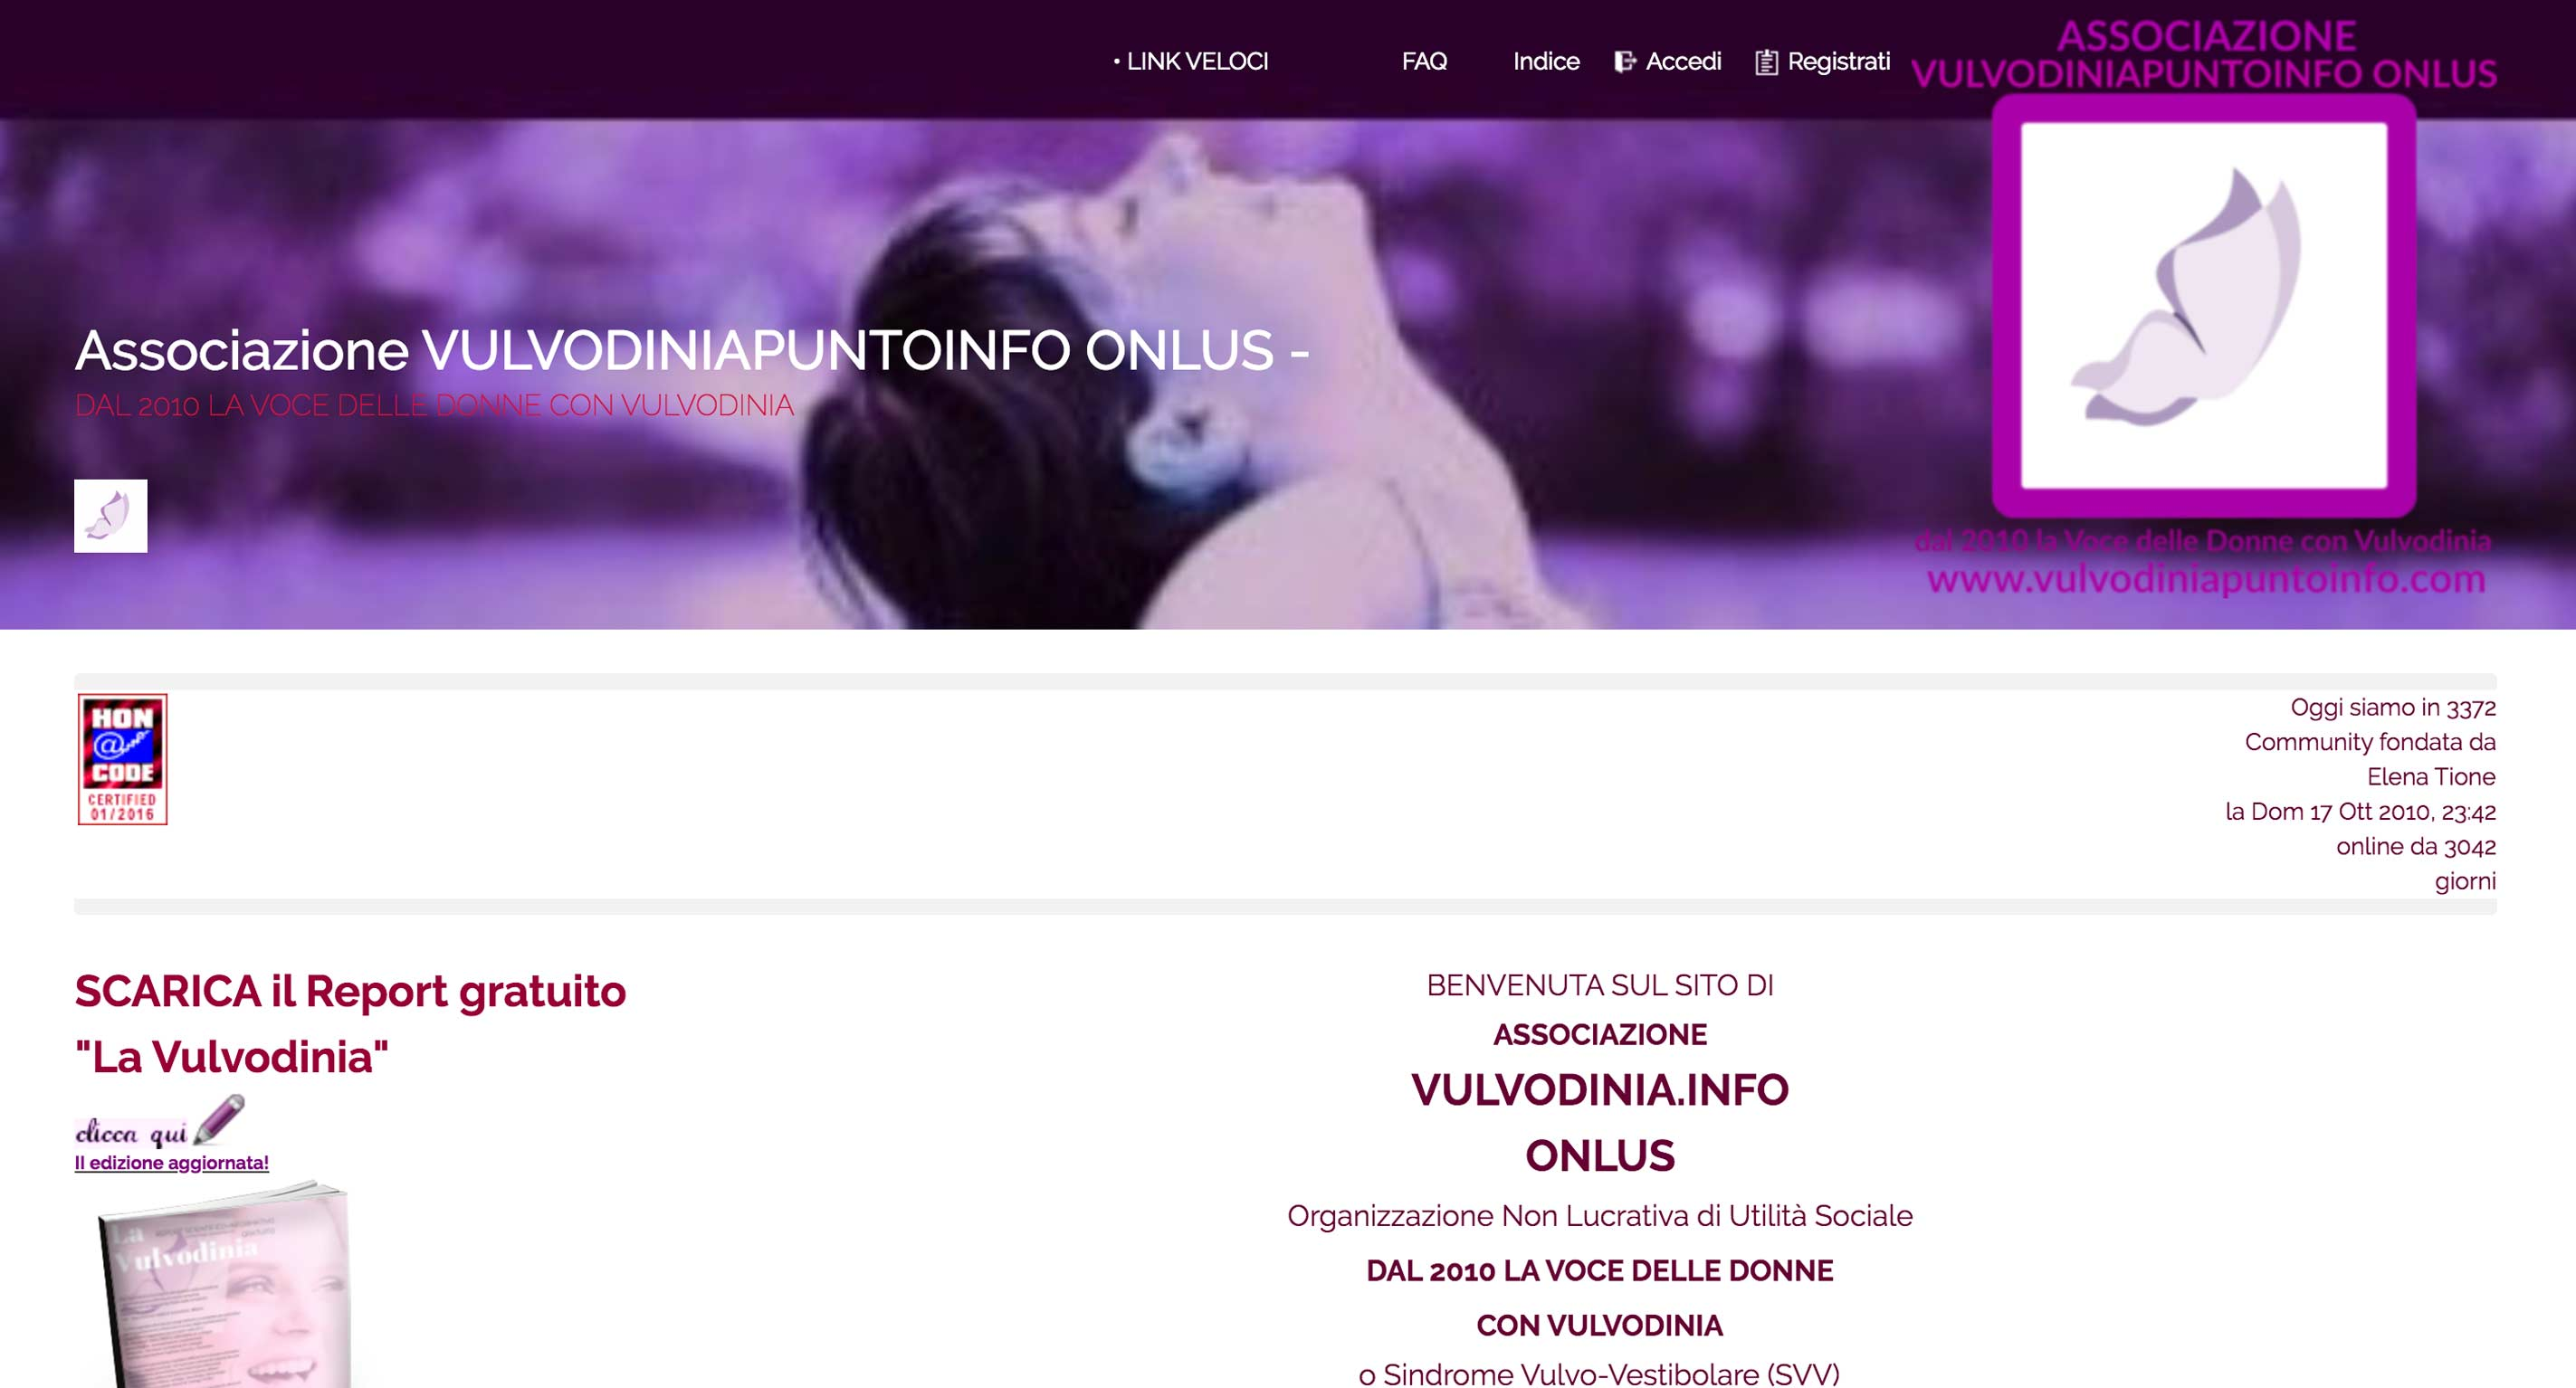 Vulvodinia Punto Info - Home Page